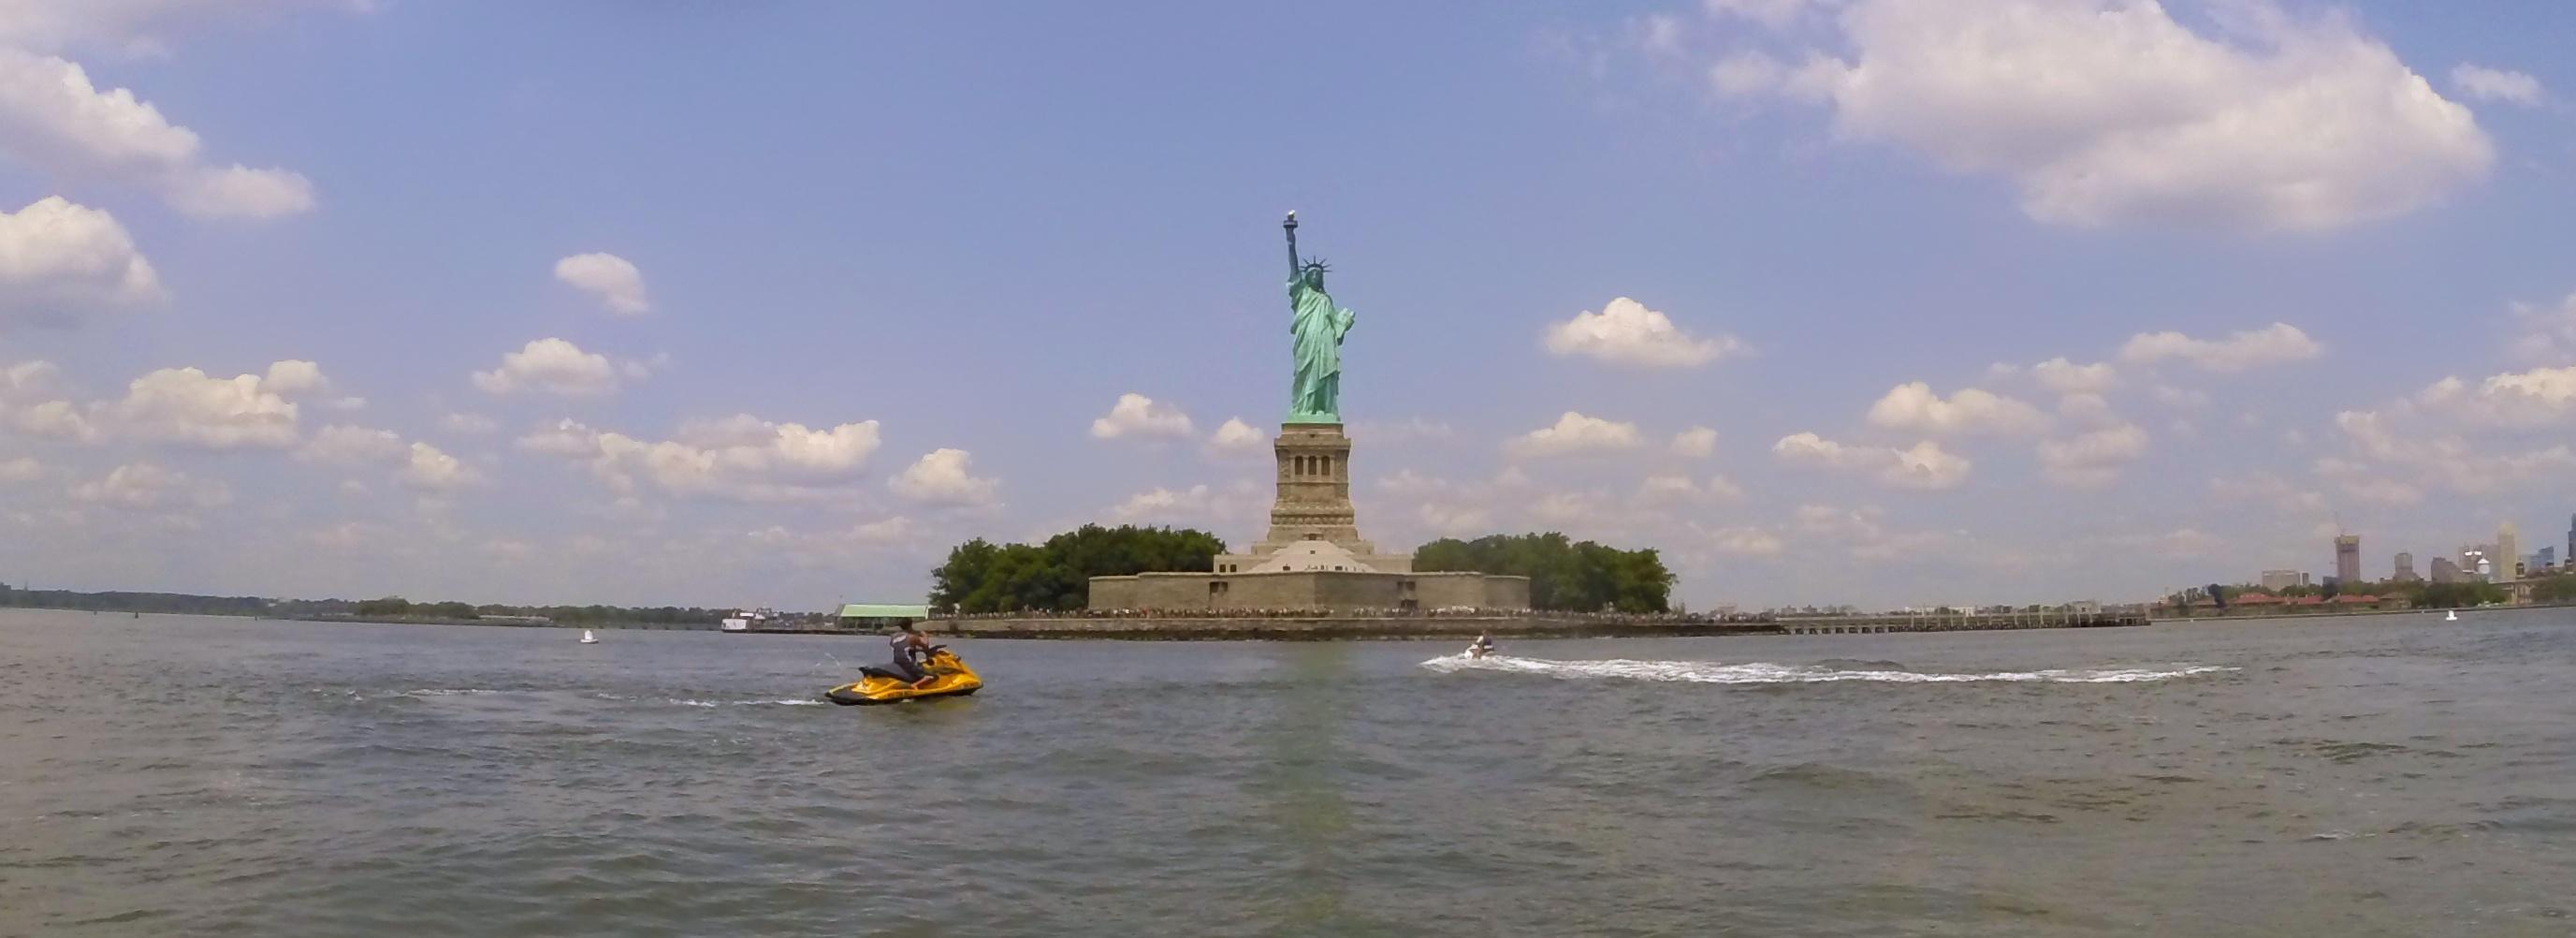 statue of liberty jet ski nyc